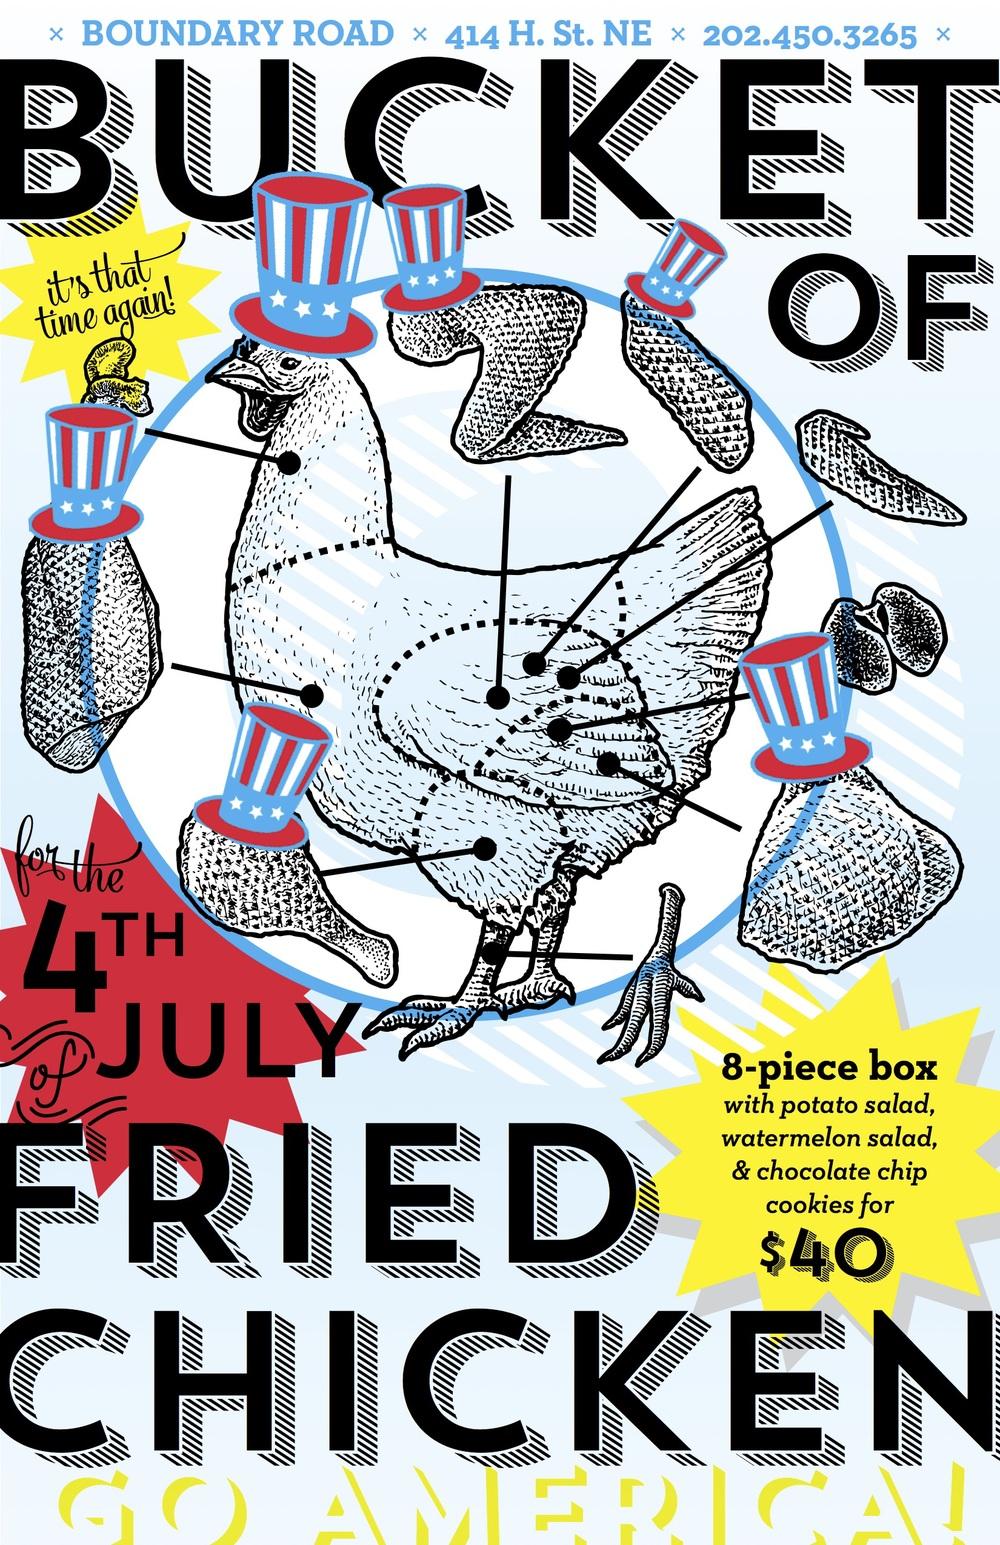 July4thFriedChicken